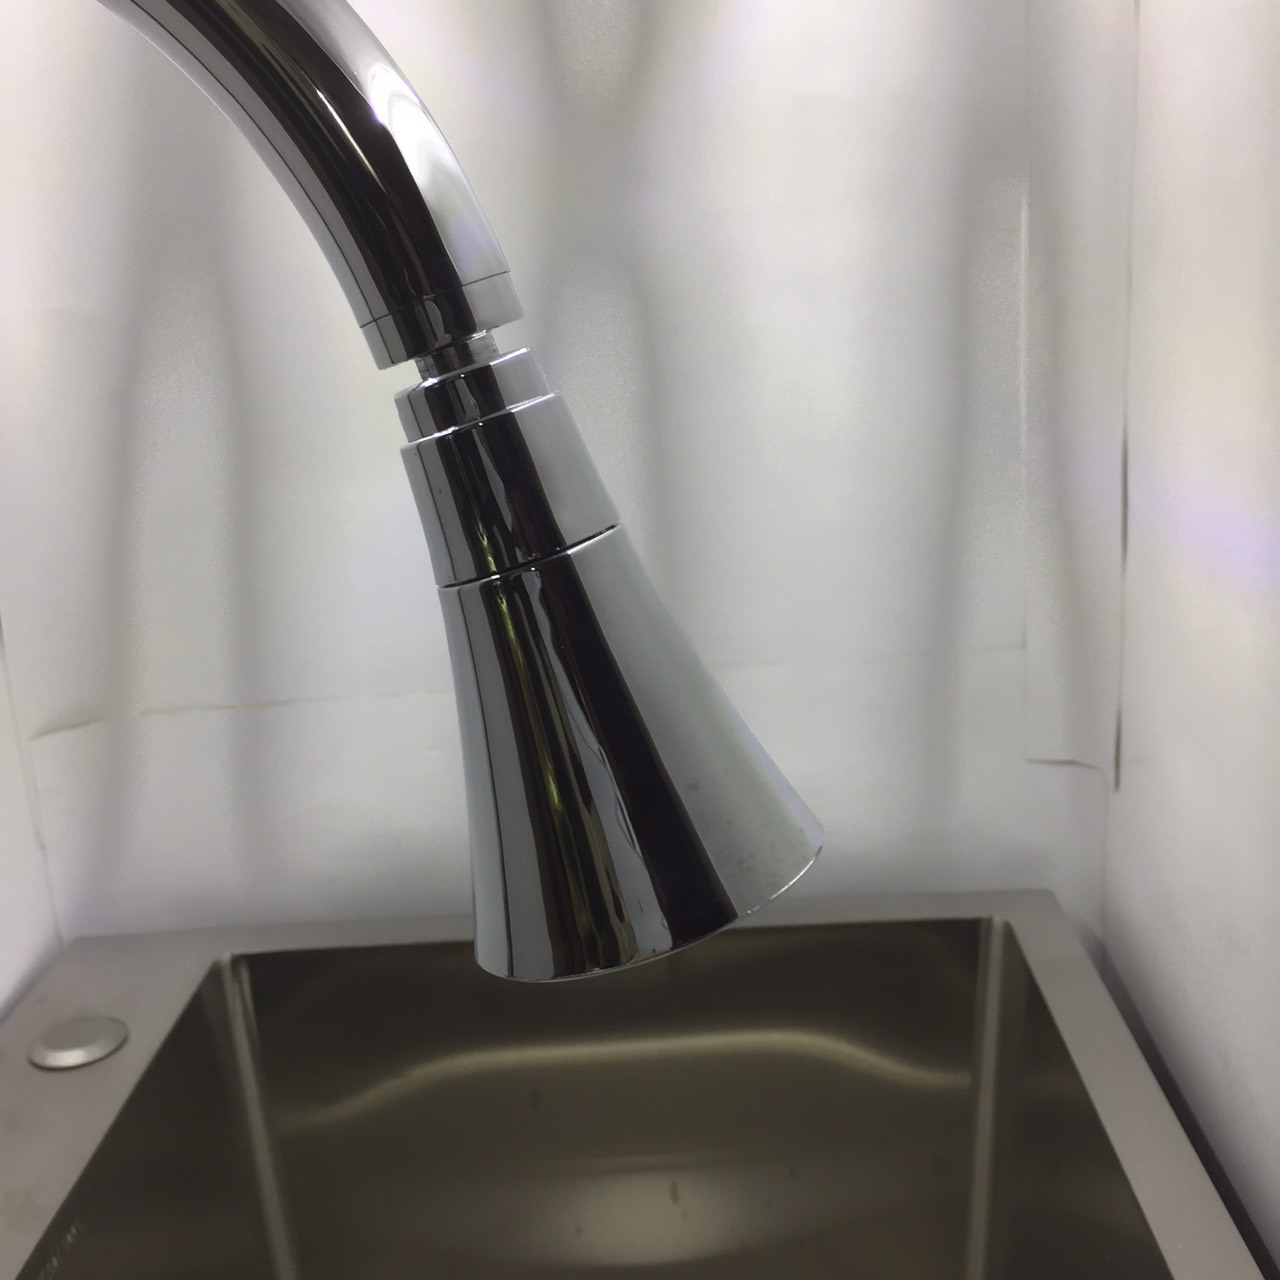 Đầu Gắn Vòi Nước Rửa Chén Bát Xoay 360 Tiết Kiệm Nước - Đầu Xoay Bằng Đồng Cao Cấp